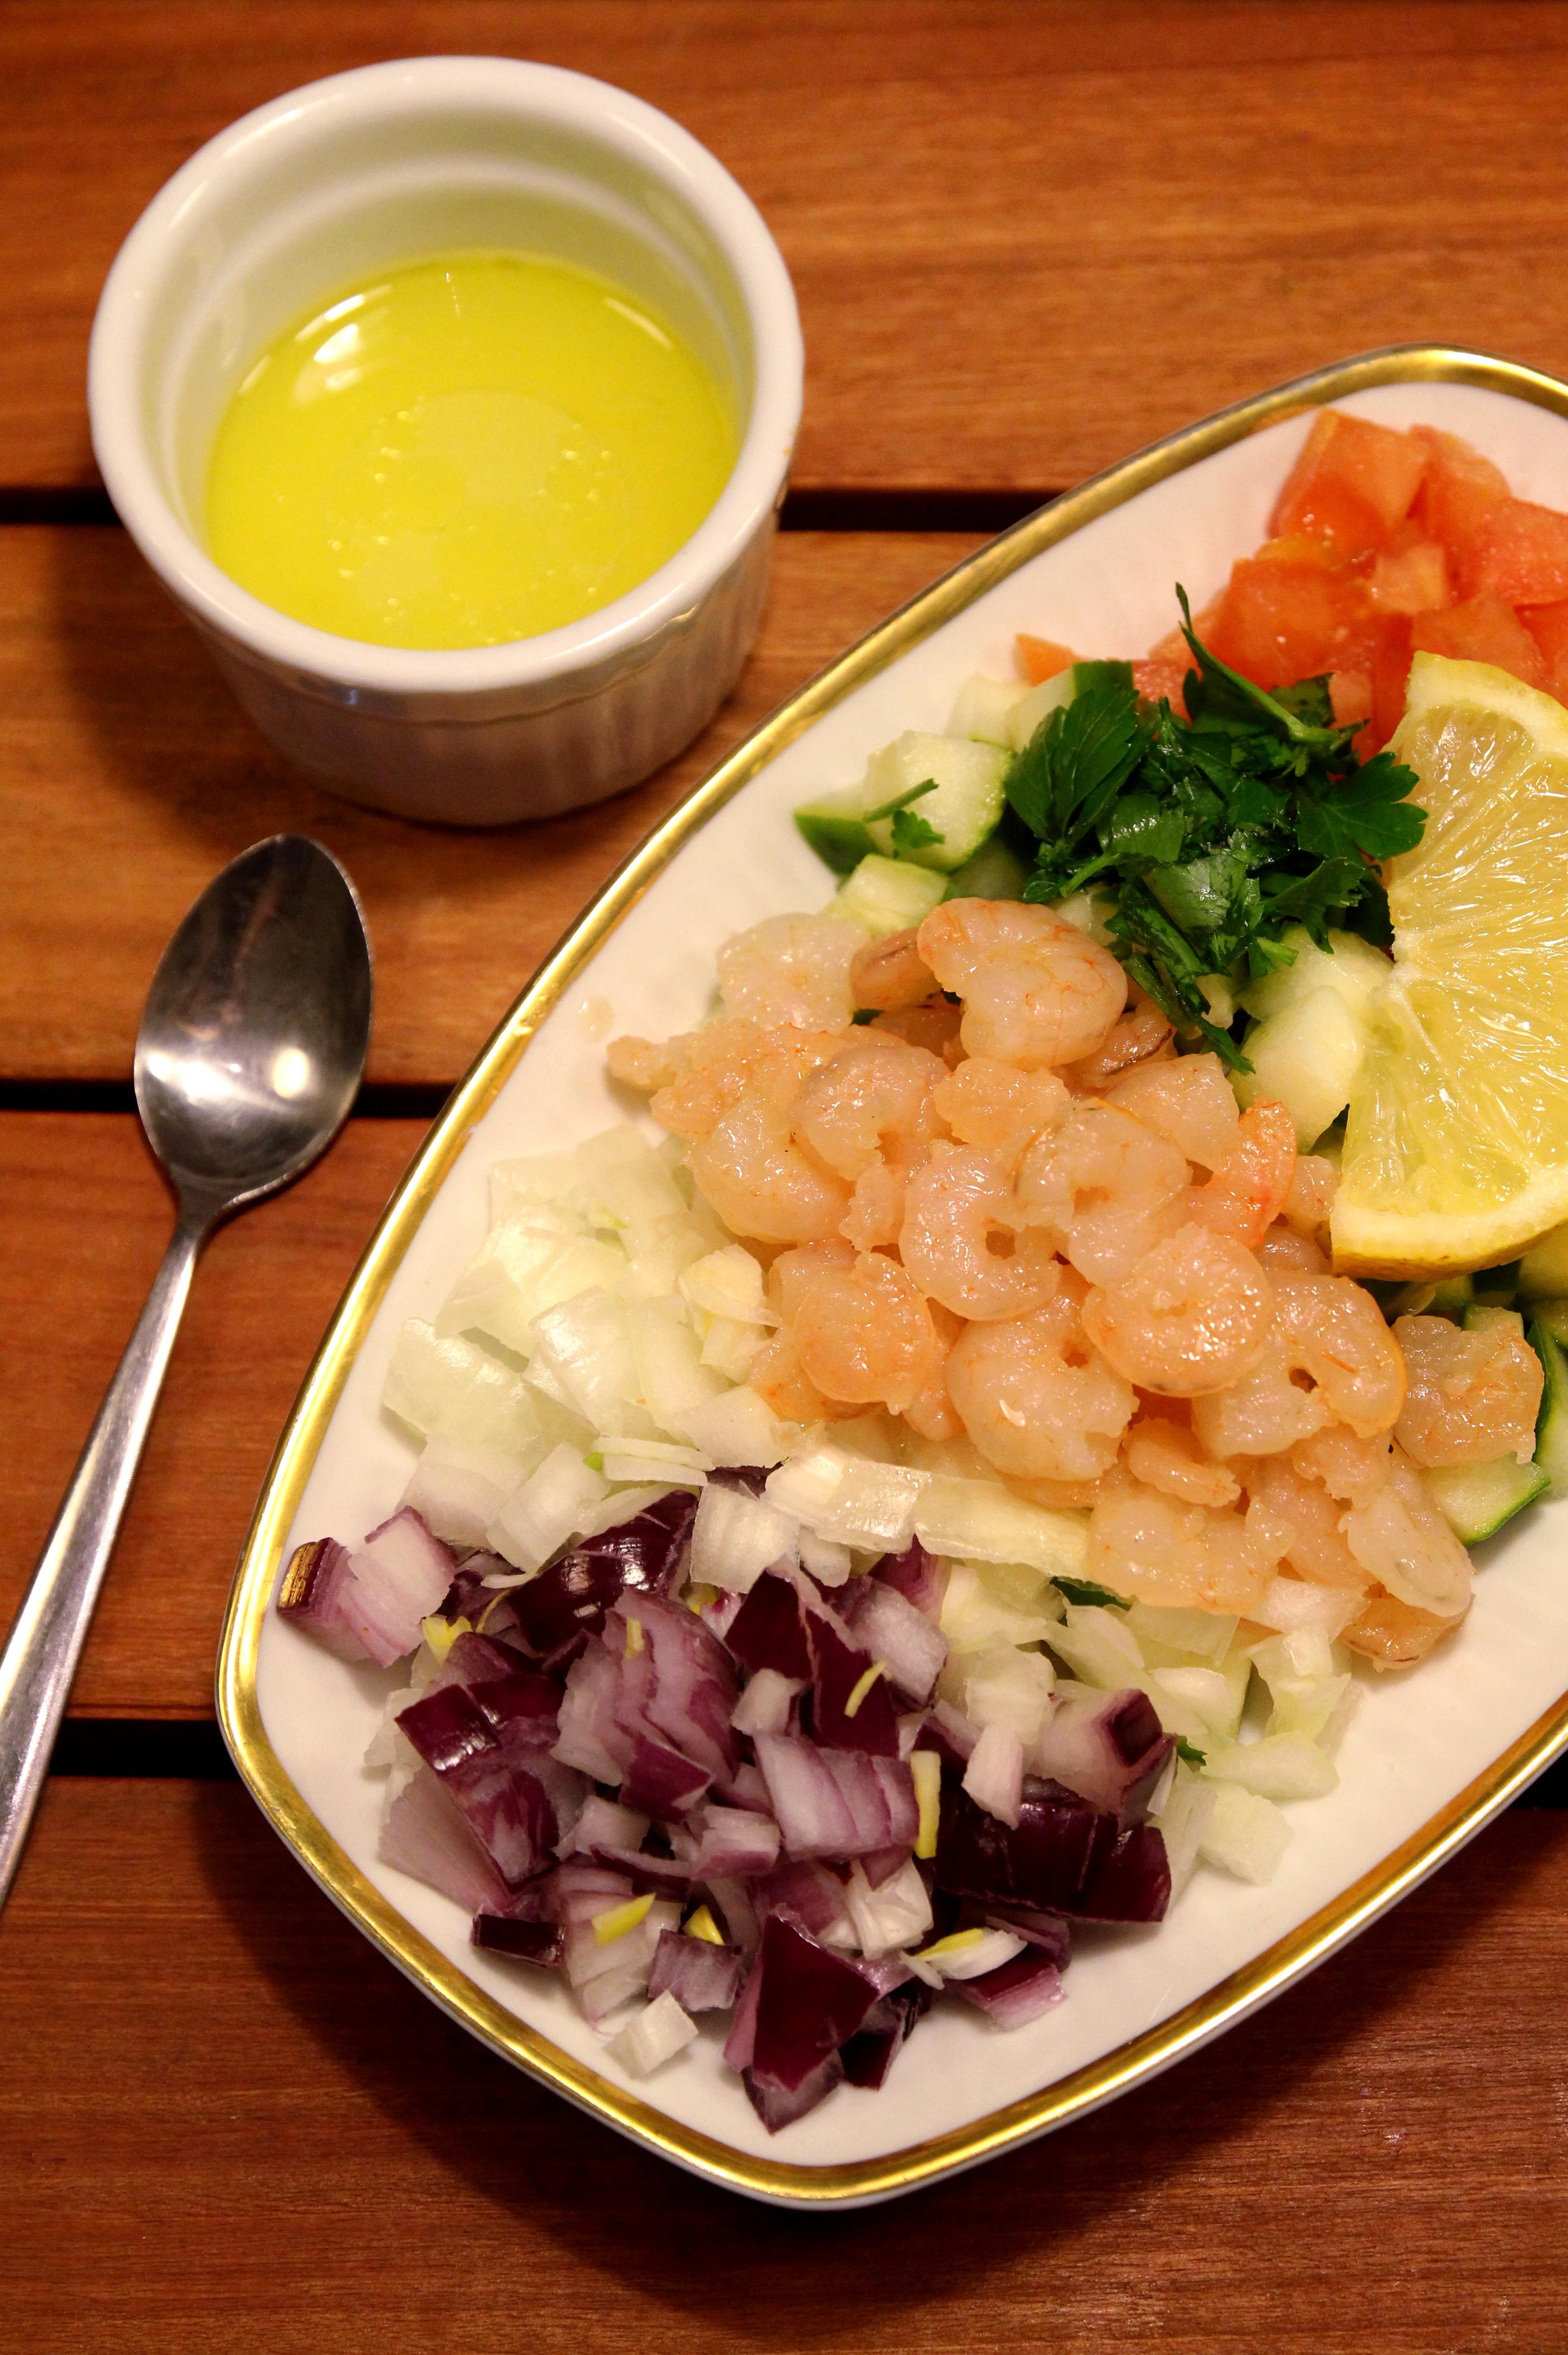 Shrimp & Vegetable Salad6